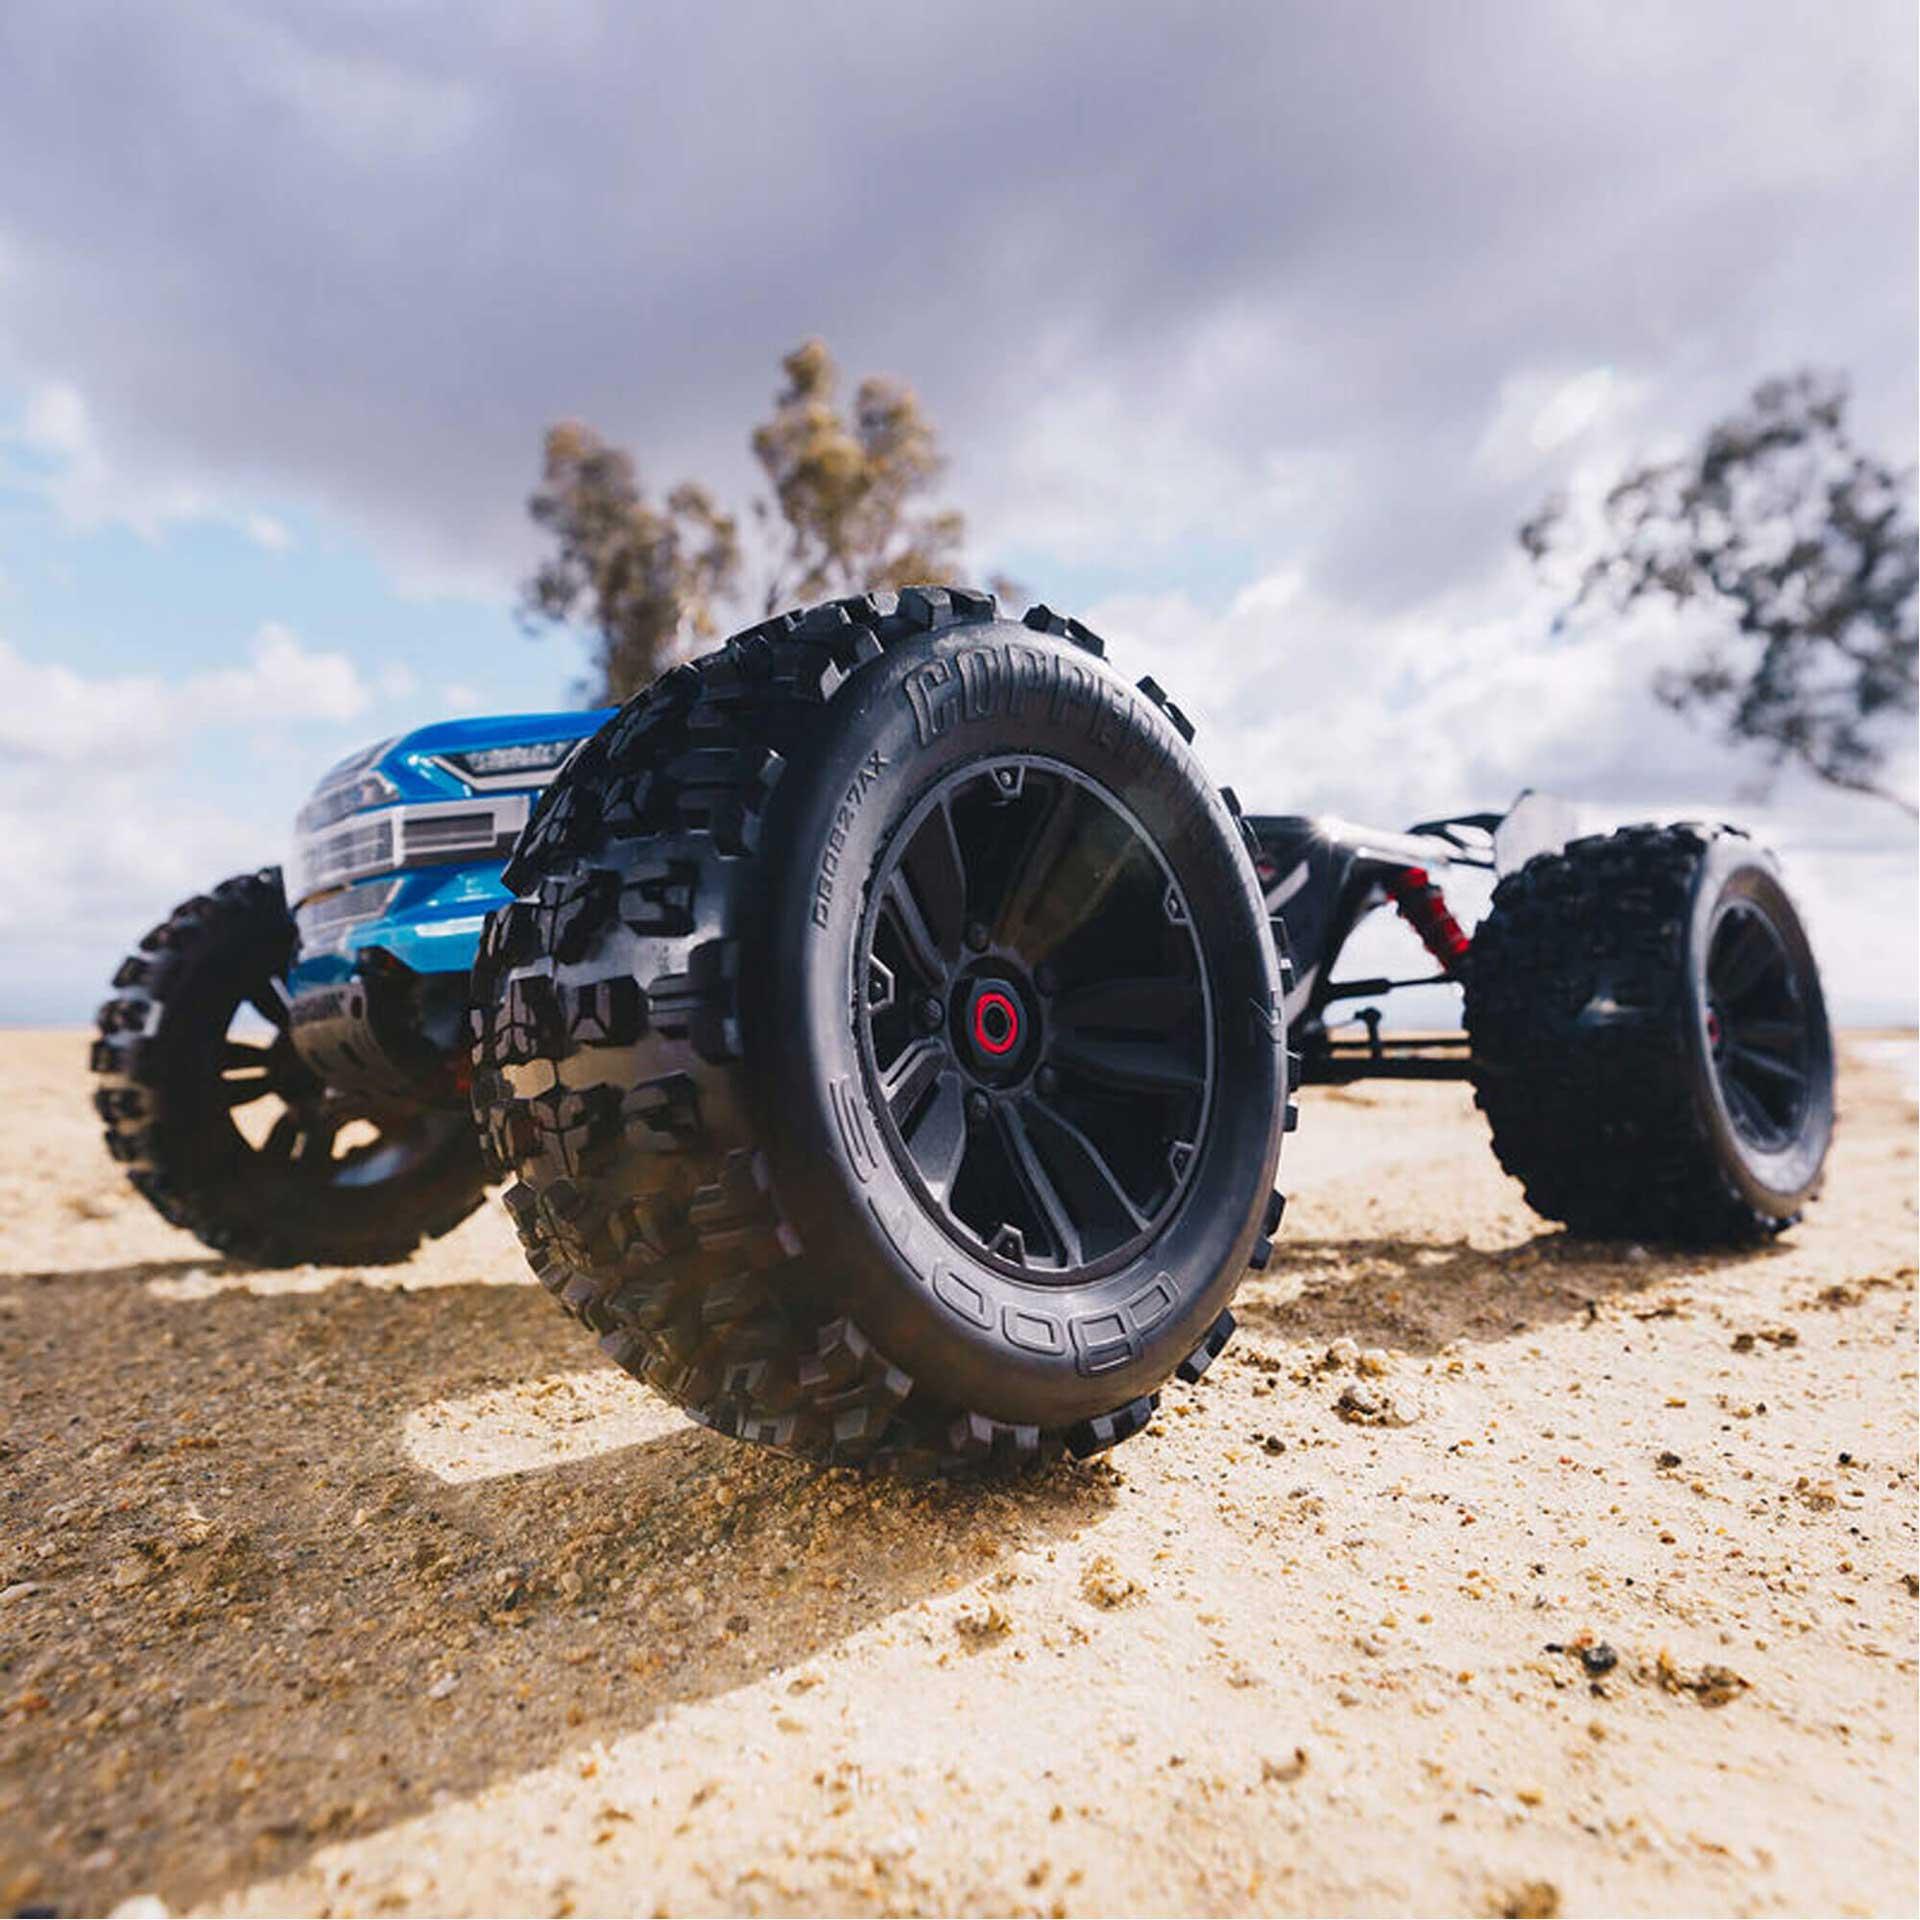 ARRMA Kraton 6S V5 4WD BLX 1/8 RTR Blau Speed Monster Truck